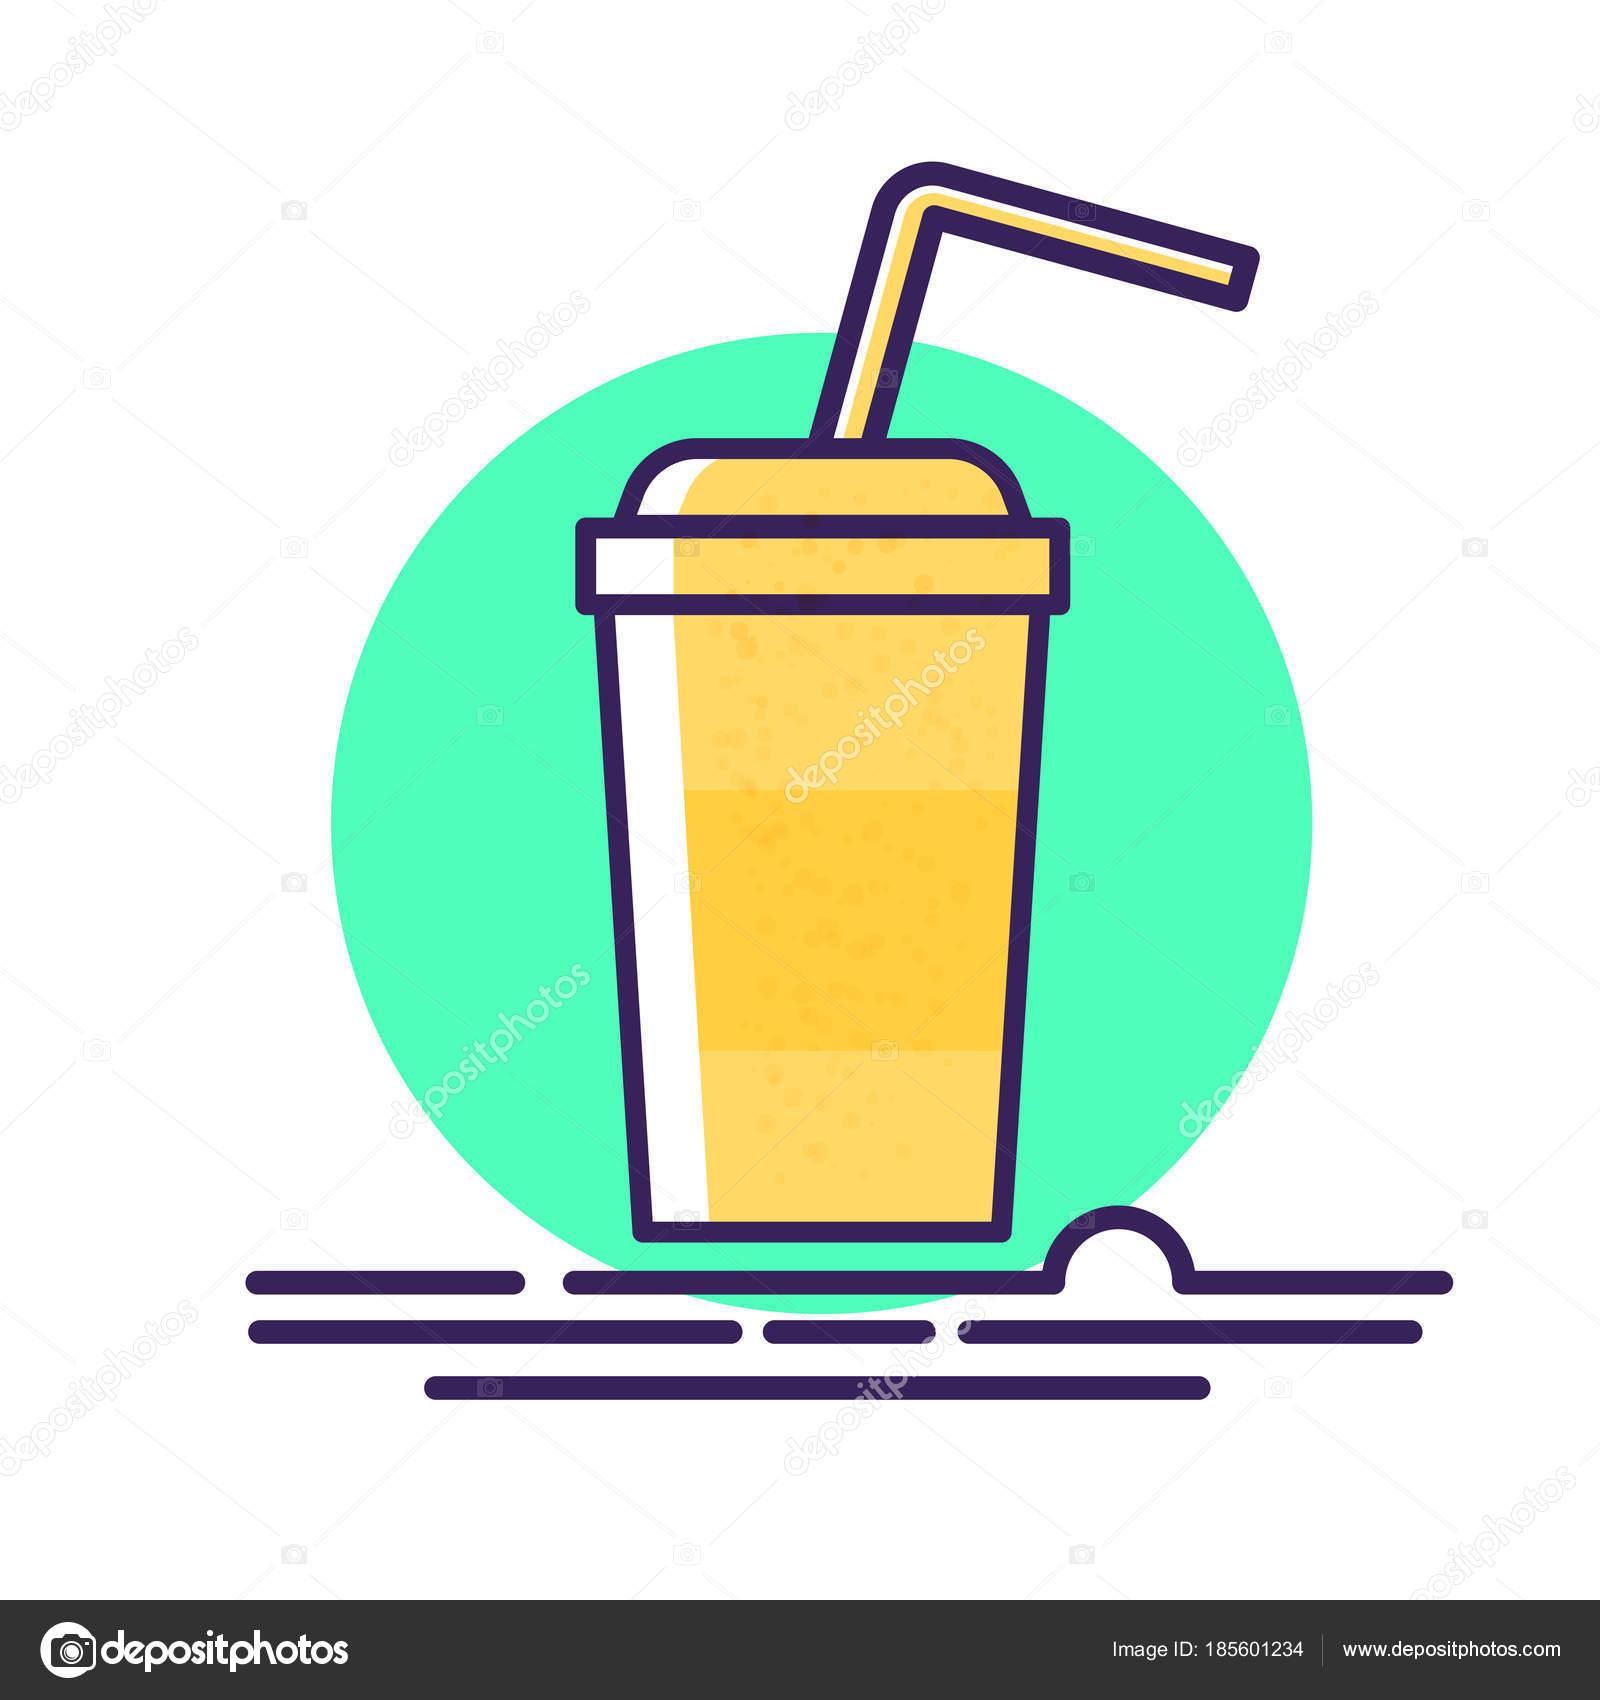 プラスチックのストロー ベクトル イラスト漫画紙コップ冷たい飲み物